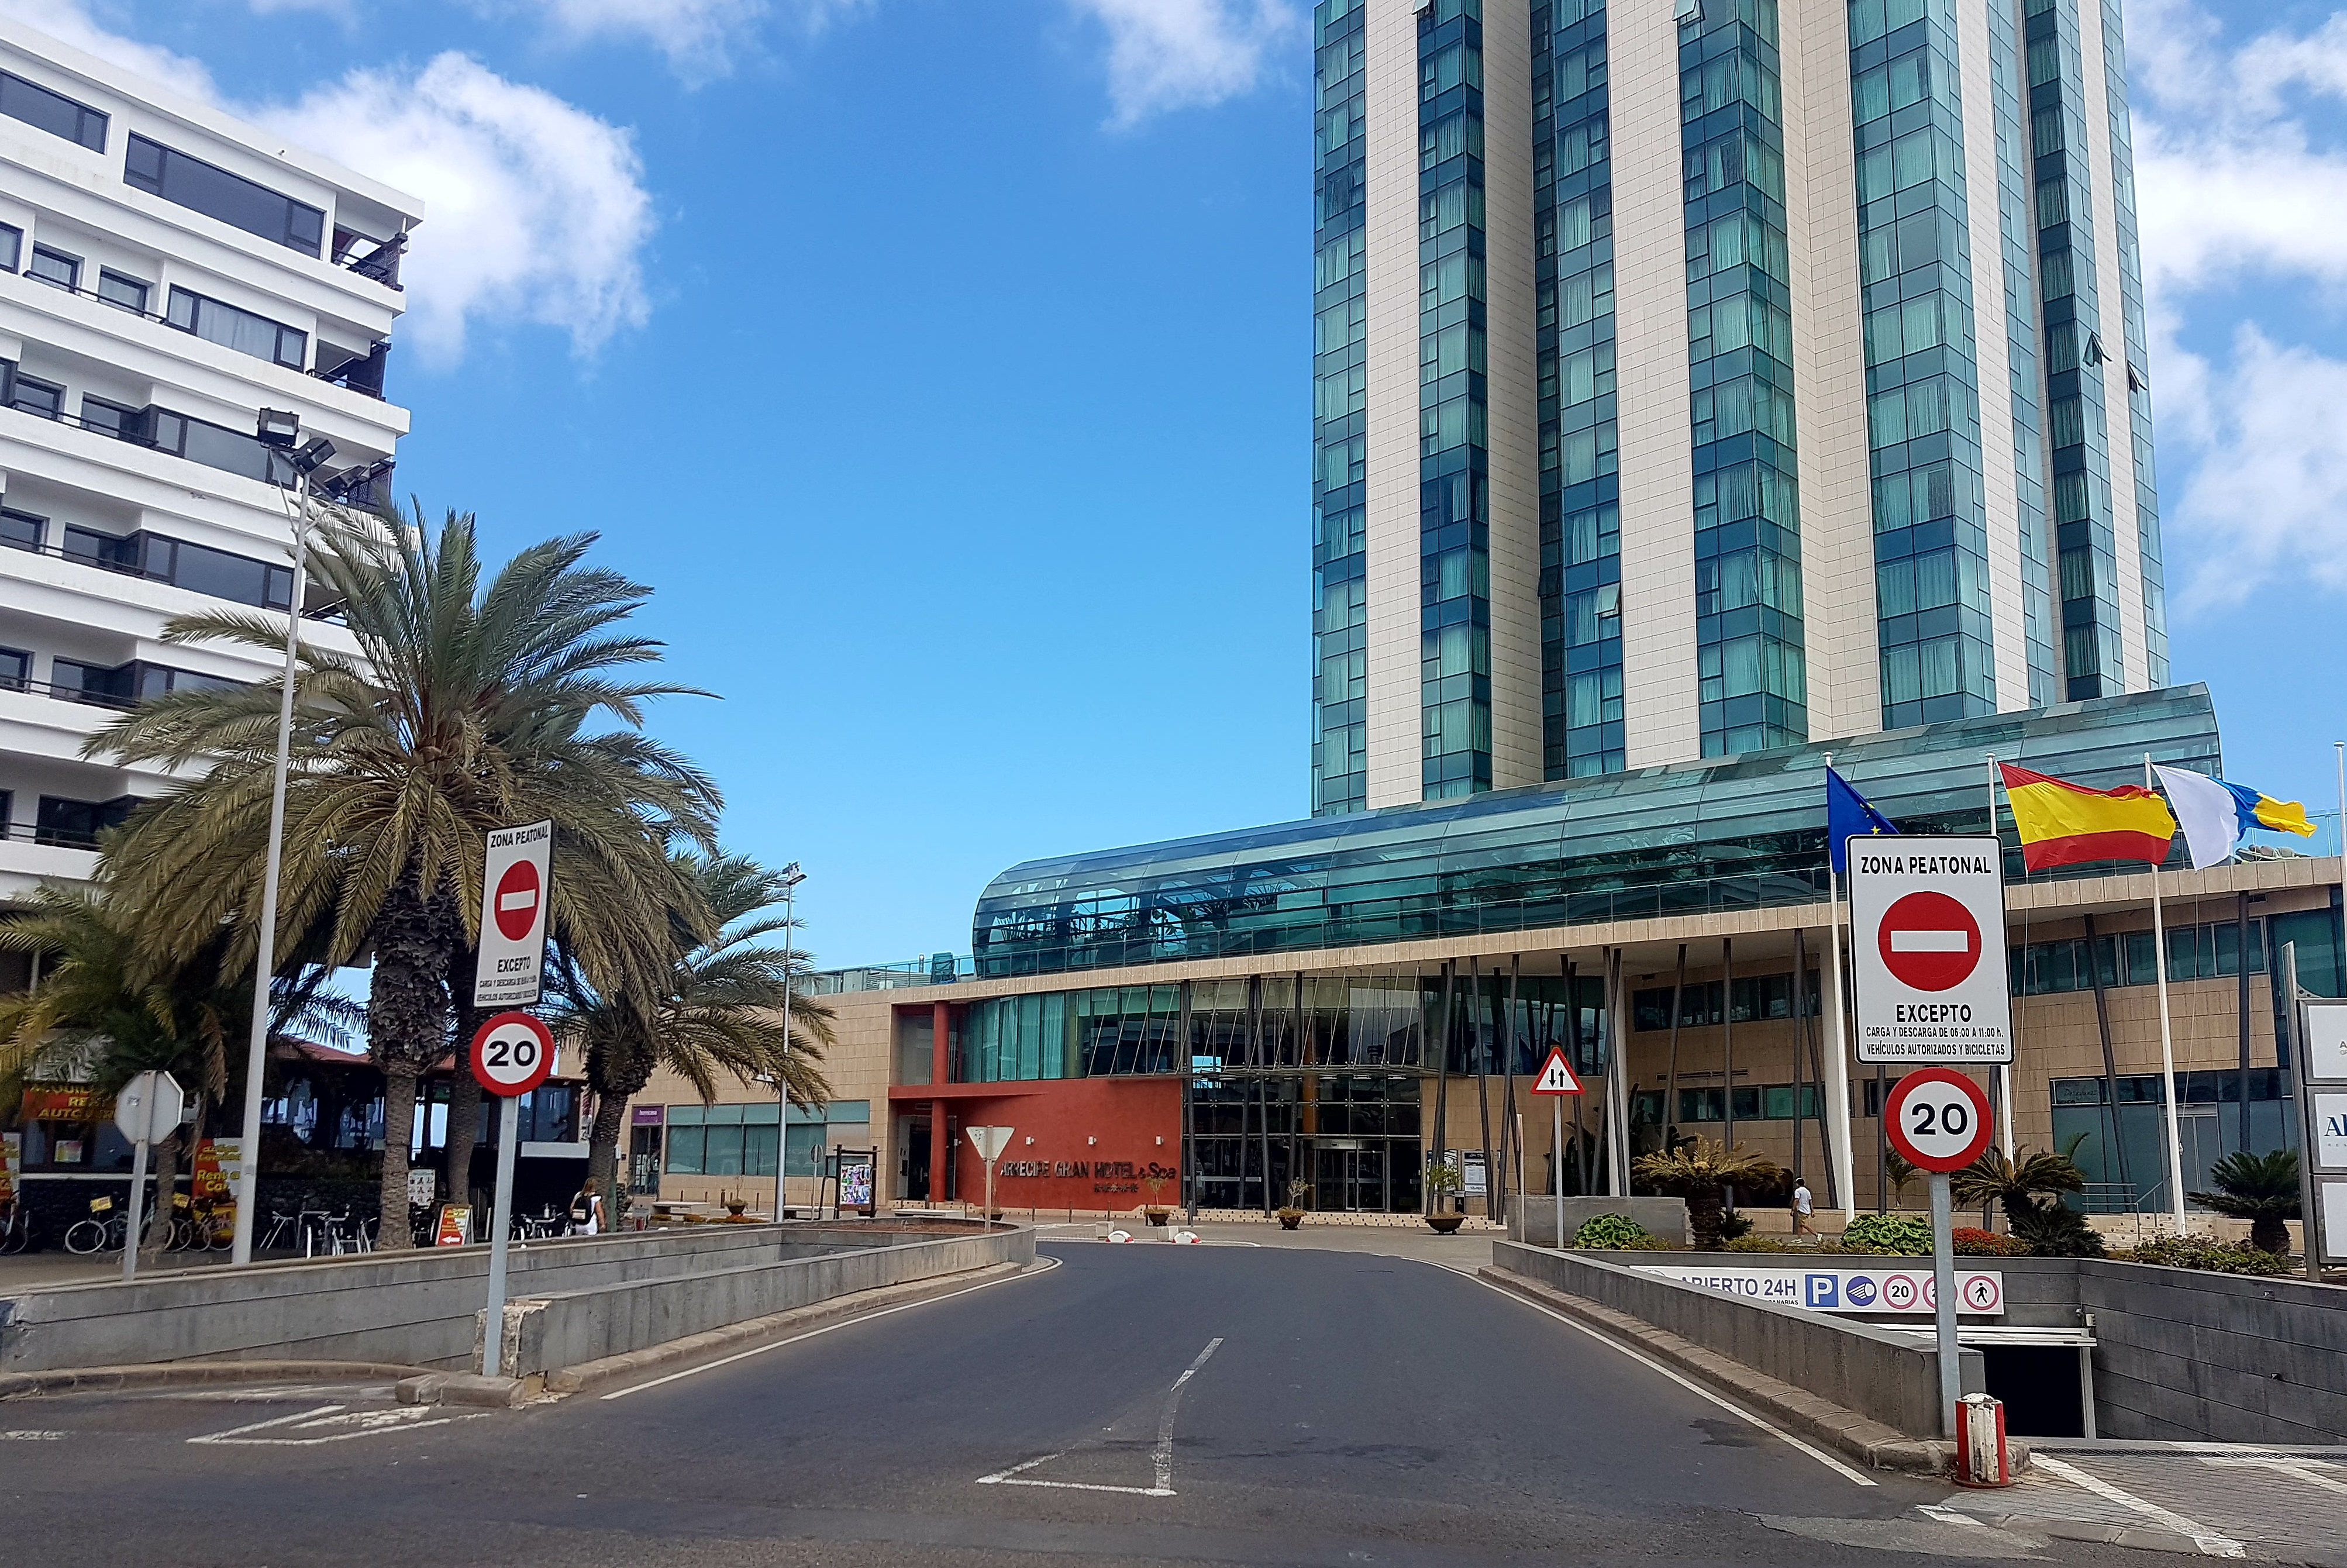 El Ayuntamiento de Arrecife firma el decreto autorizando la apertura al tráfico de la avenida marítima